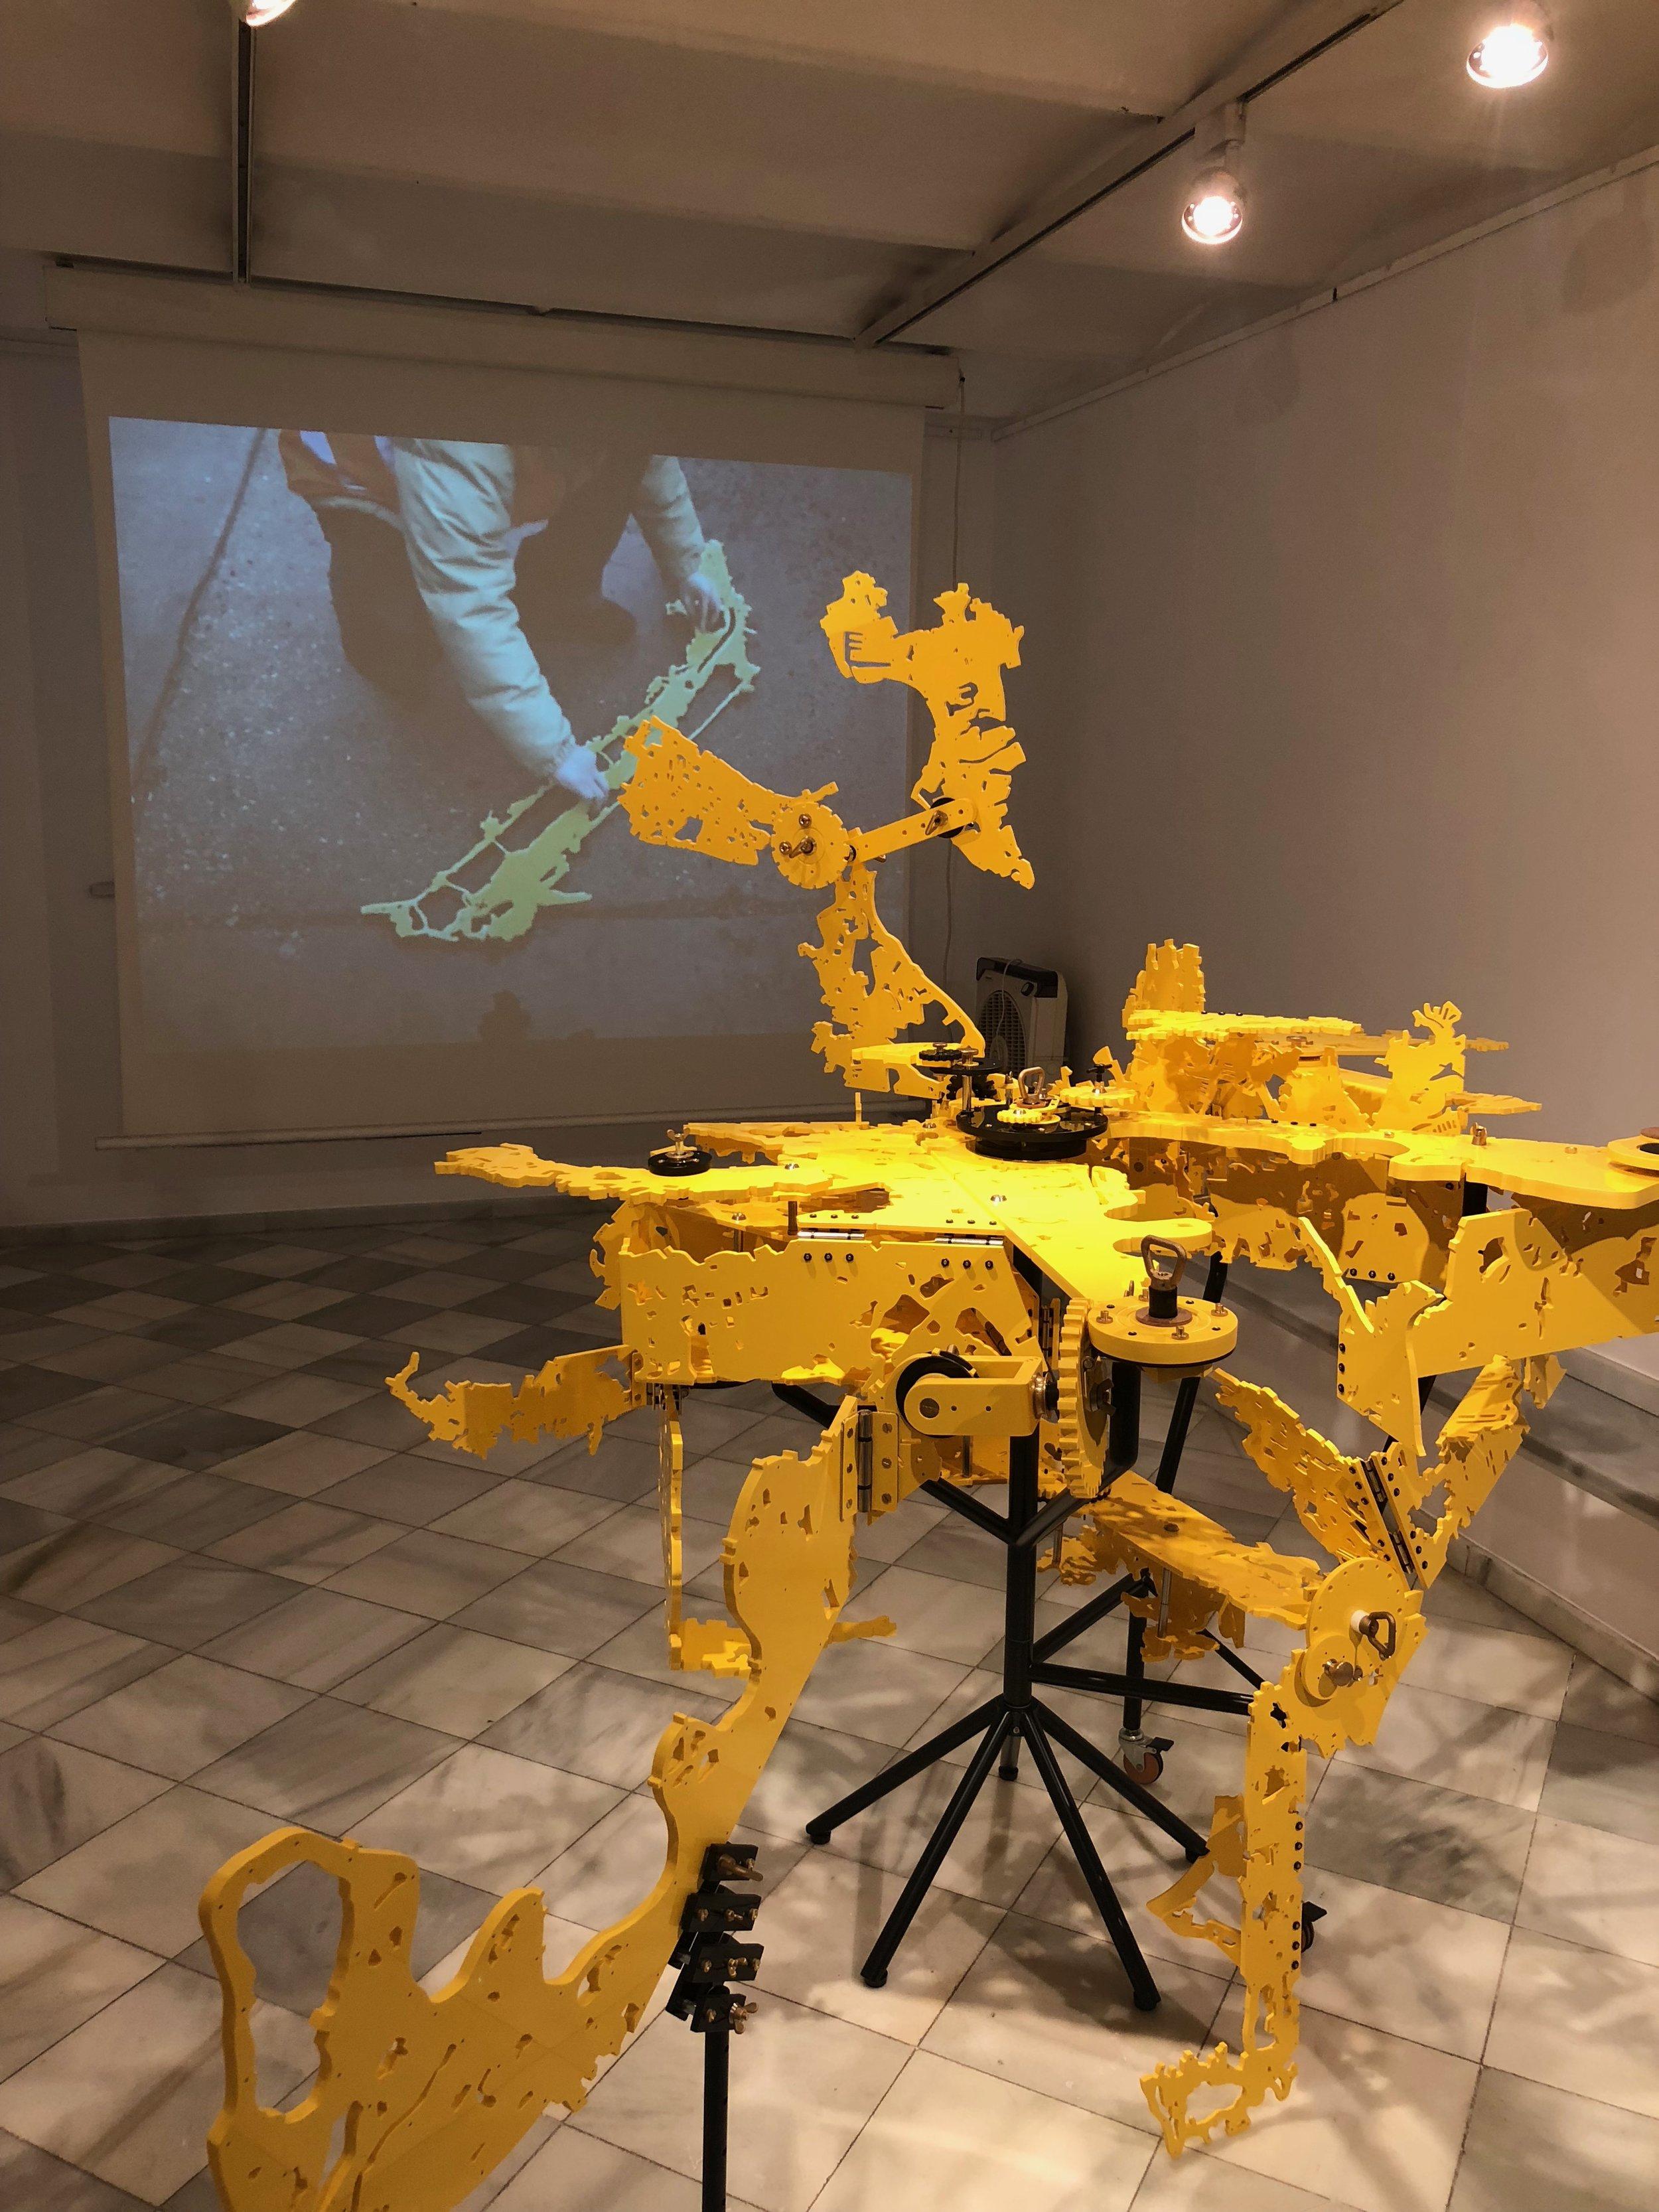 Ken'ichiro Taniguchi's sculptures at N2 gallery